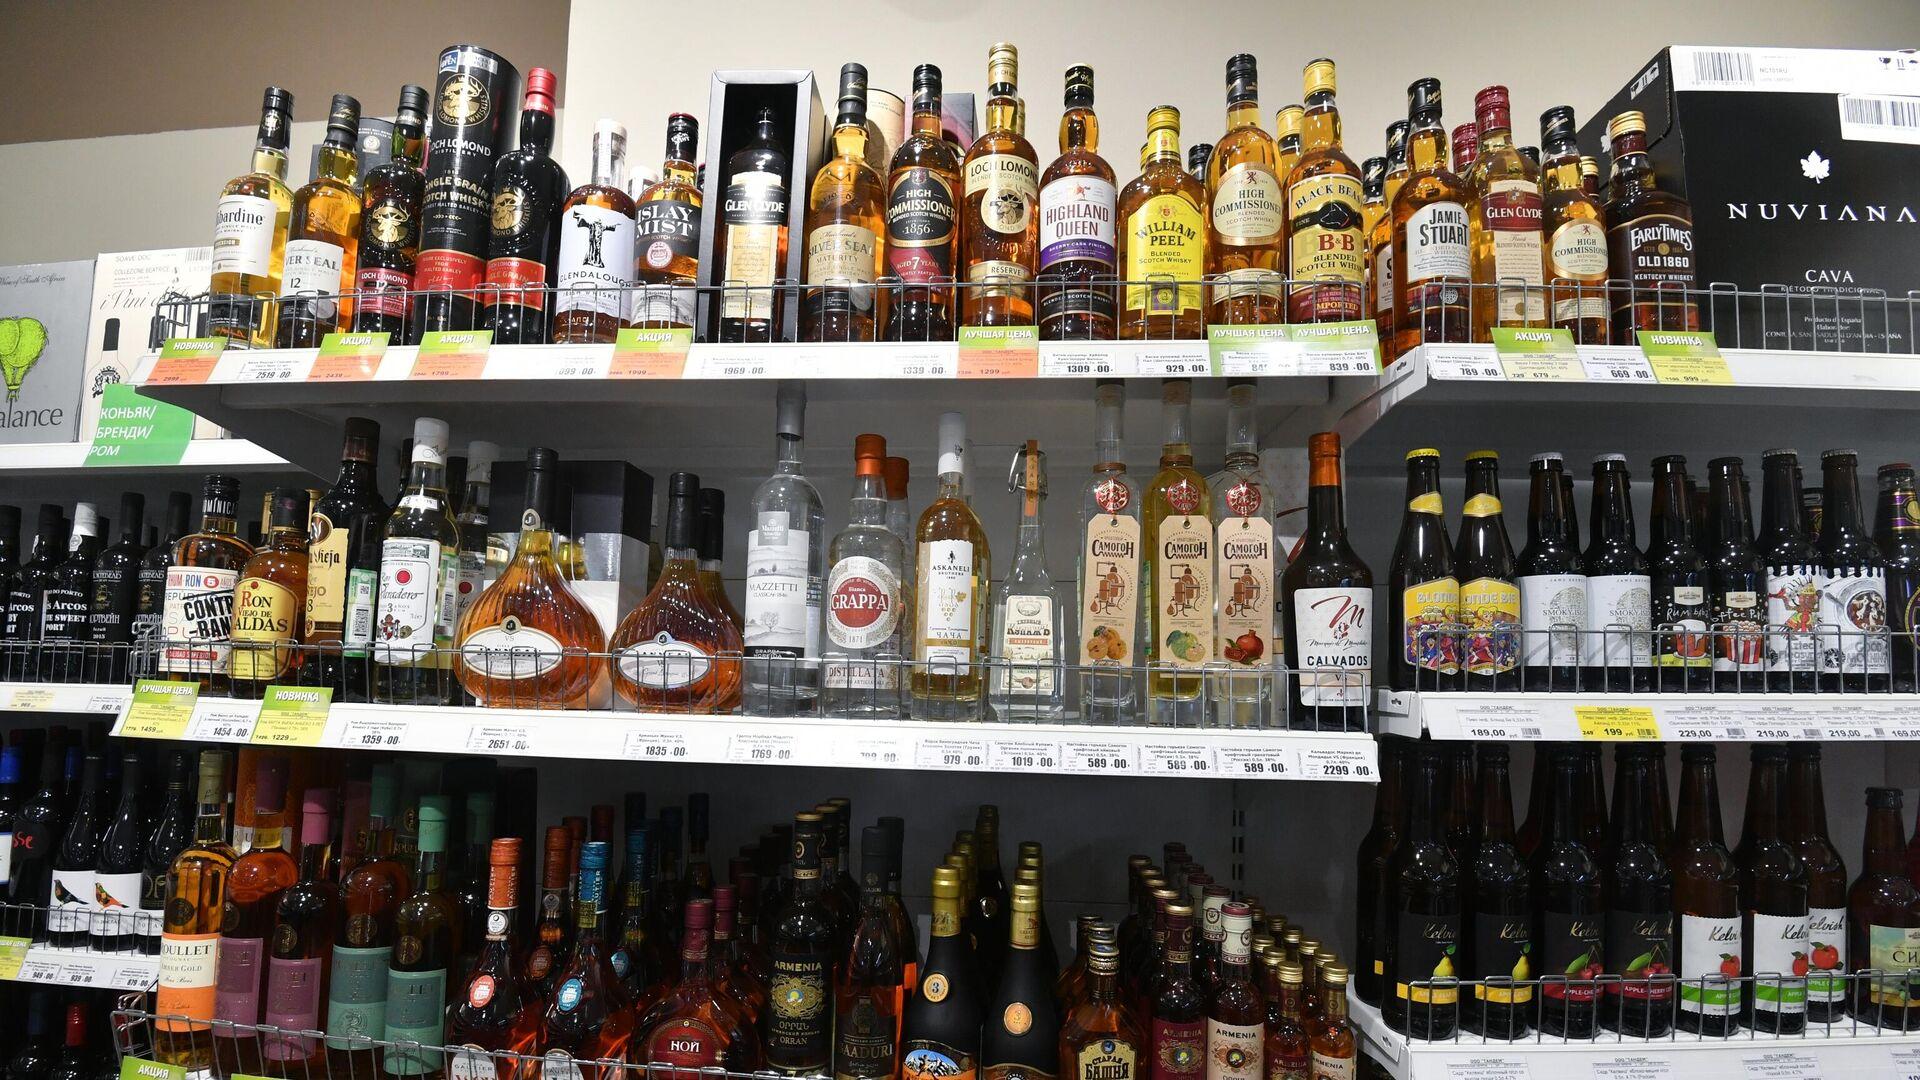 Полки с алкогольной продукцией в одном из магазинов в Москве - РИА Новости, 1920, 13.11.2020